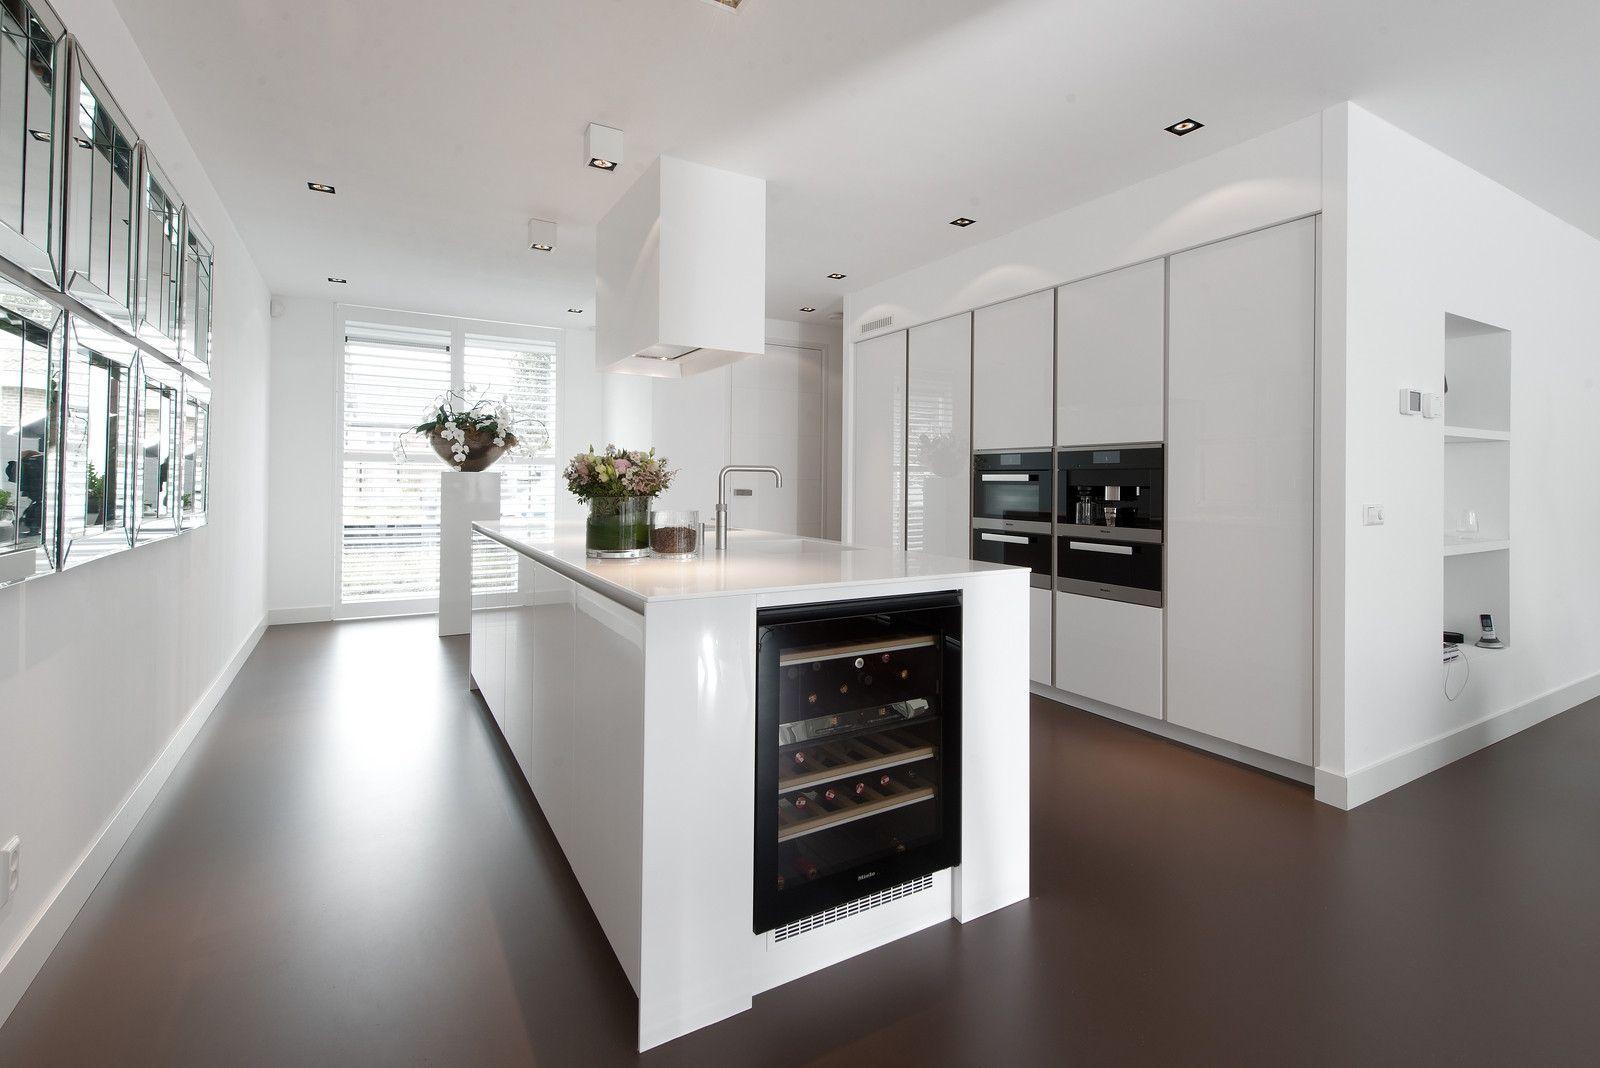 Keuken Ikea Moderne : Kleine keukens met kookeiland moderne keuken voorbeelden knap